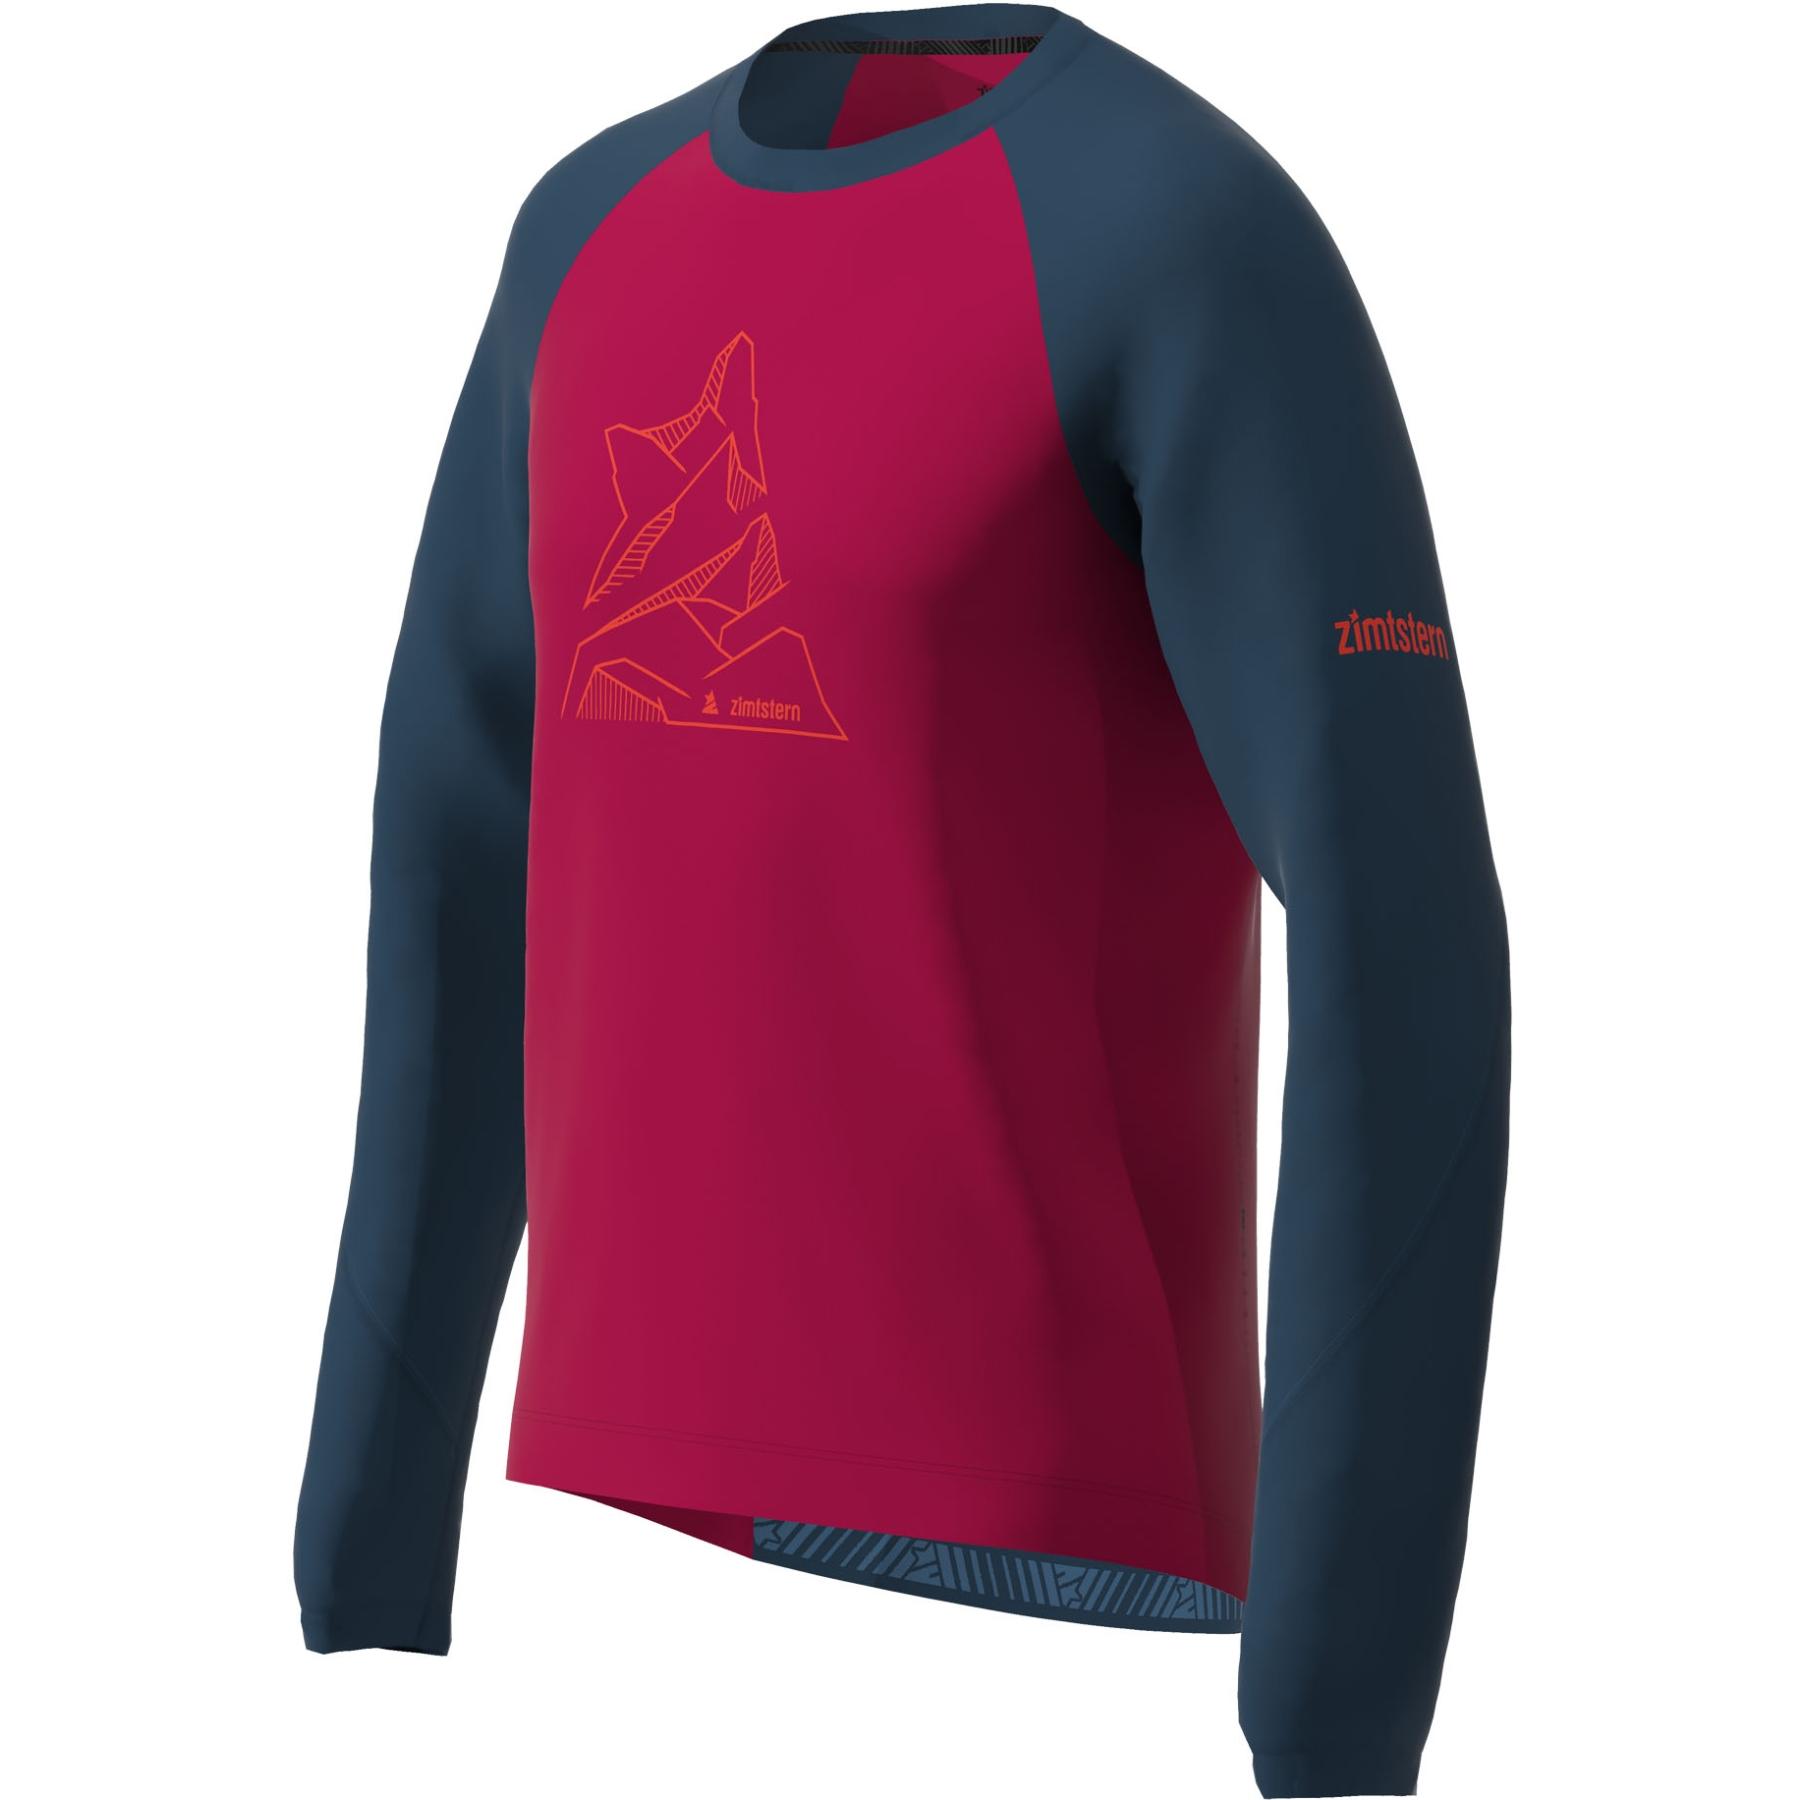 Bild von Zimtstern PureFlowz Langarm-Shirt - jester red/french navy